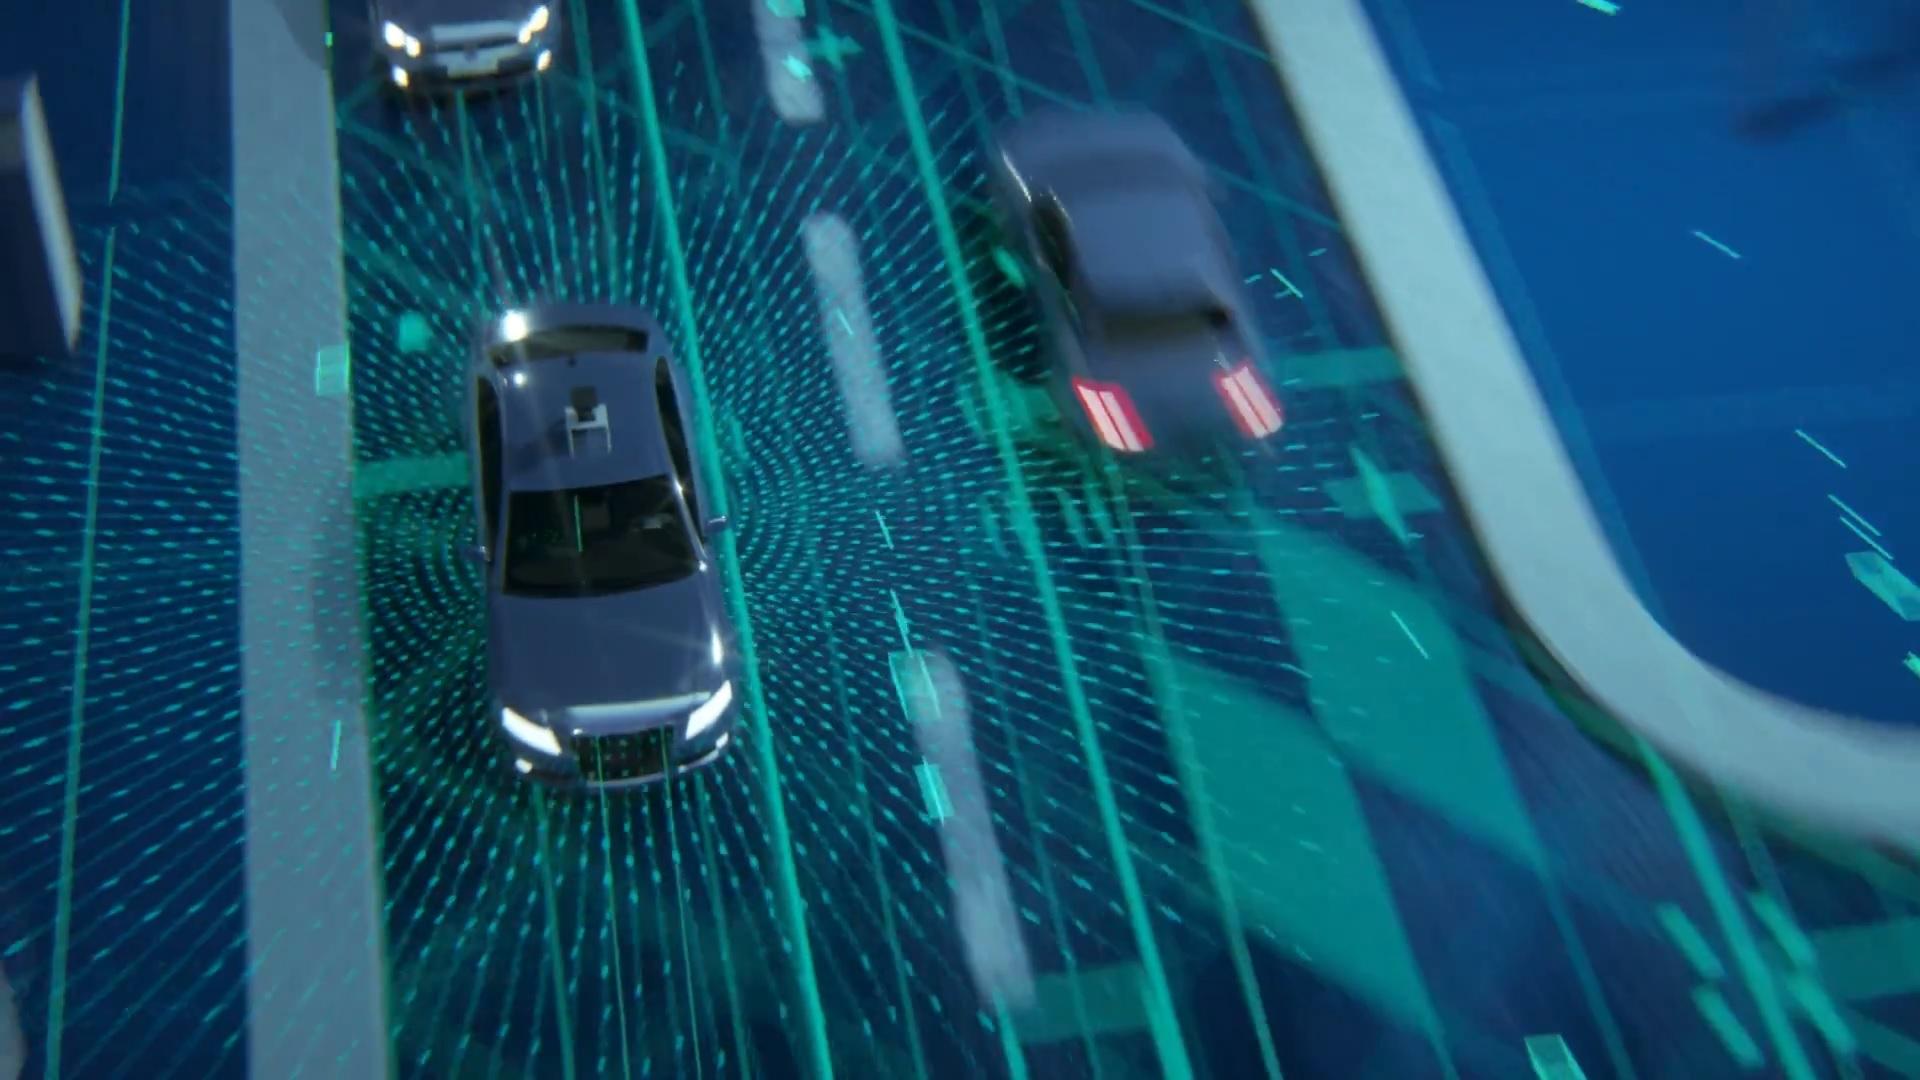 РВК и «Сколково» запустили конкурсы в сфере беспилотных машин и энергетики на 375 млн рублей